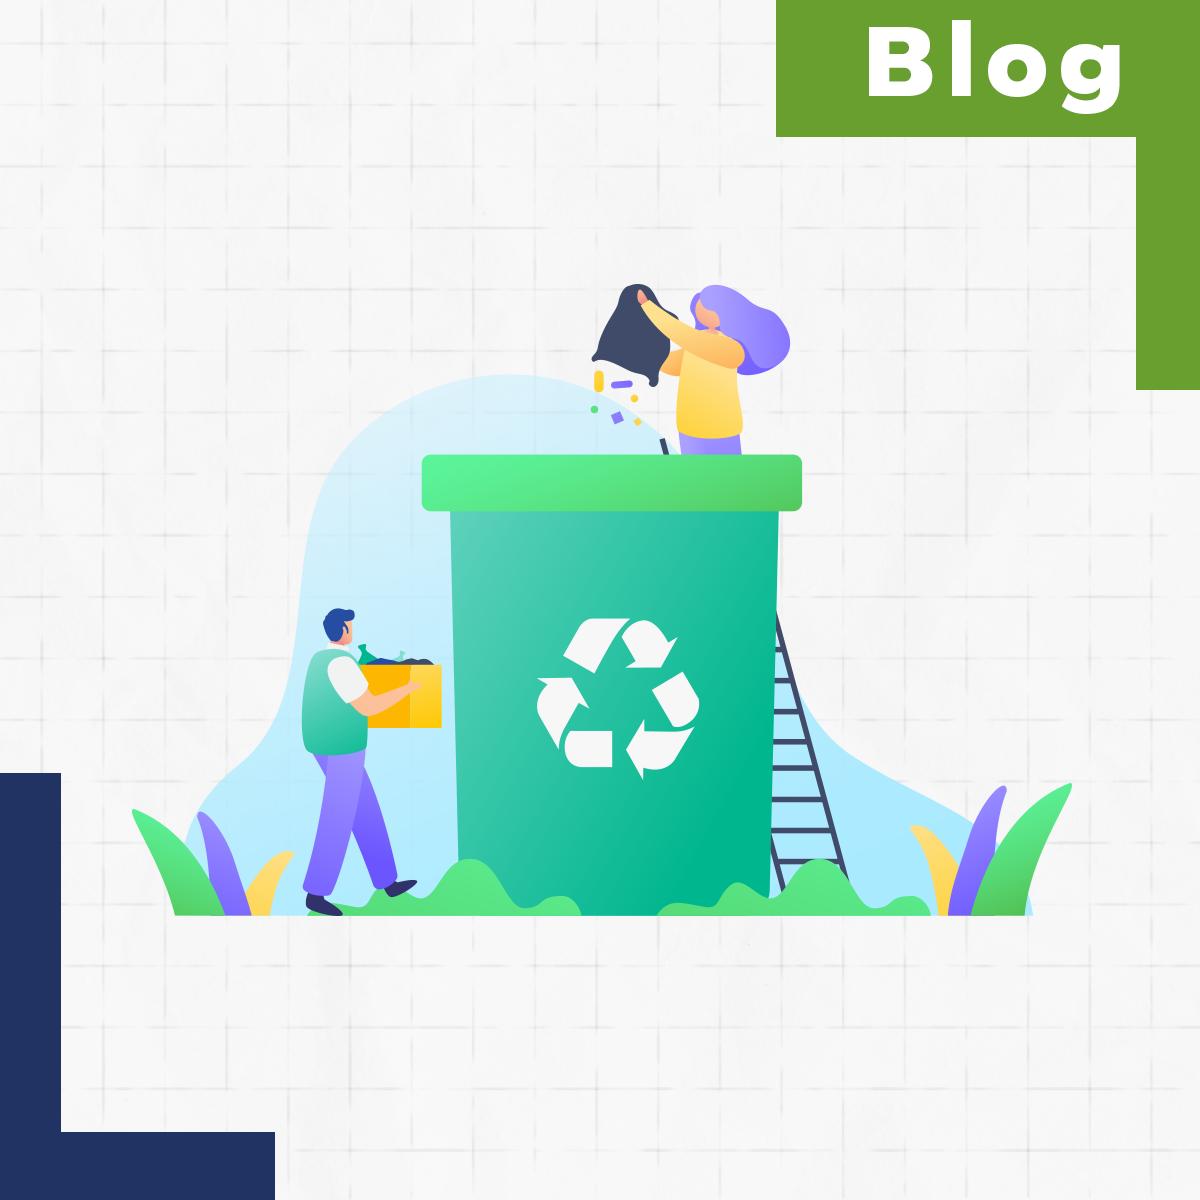 ¡Tu barrio privado puede contar con su propia planta reductora de residuos!